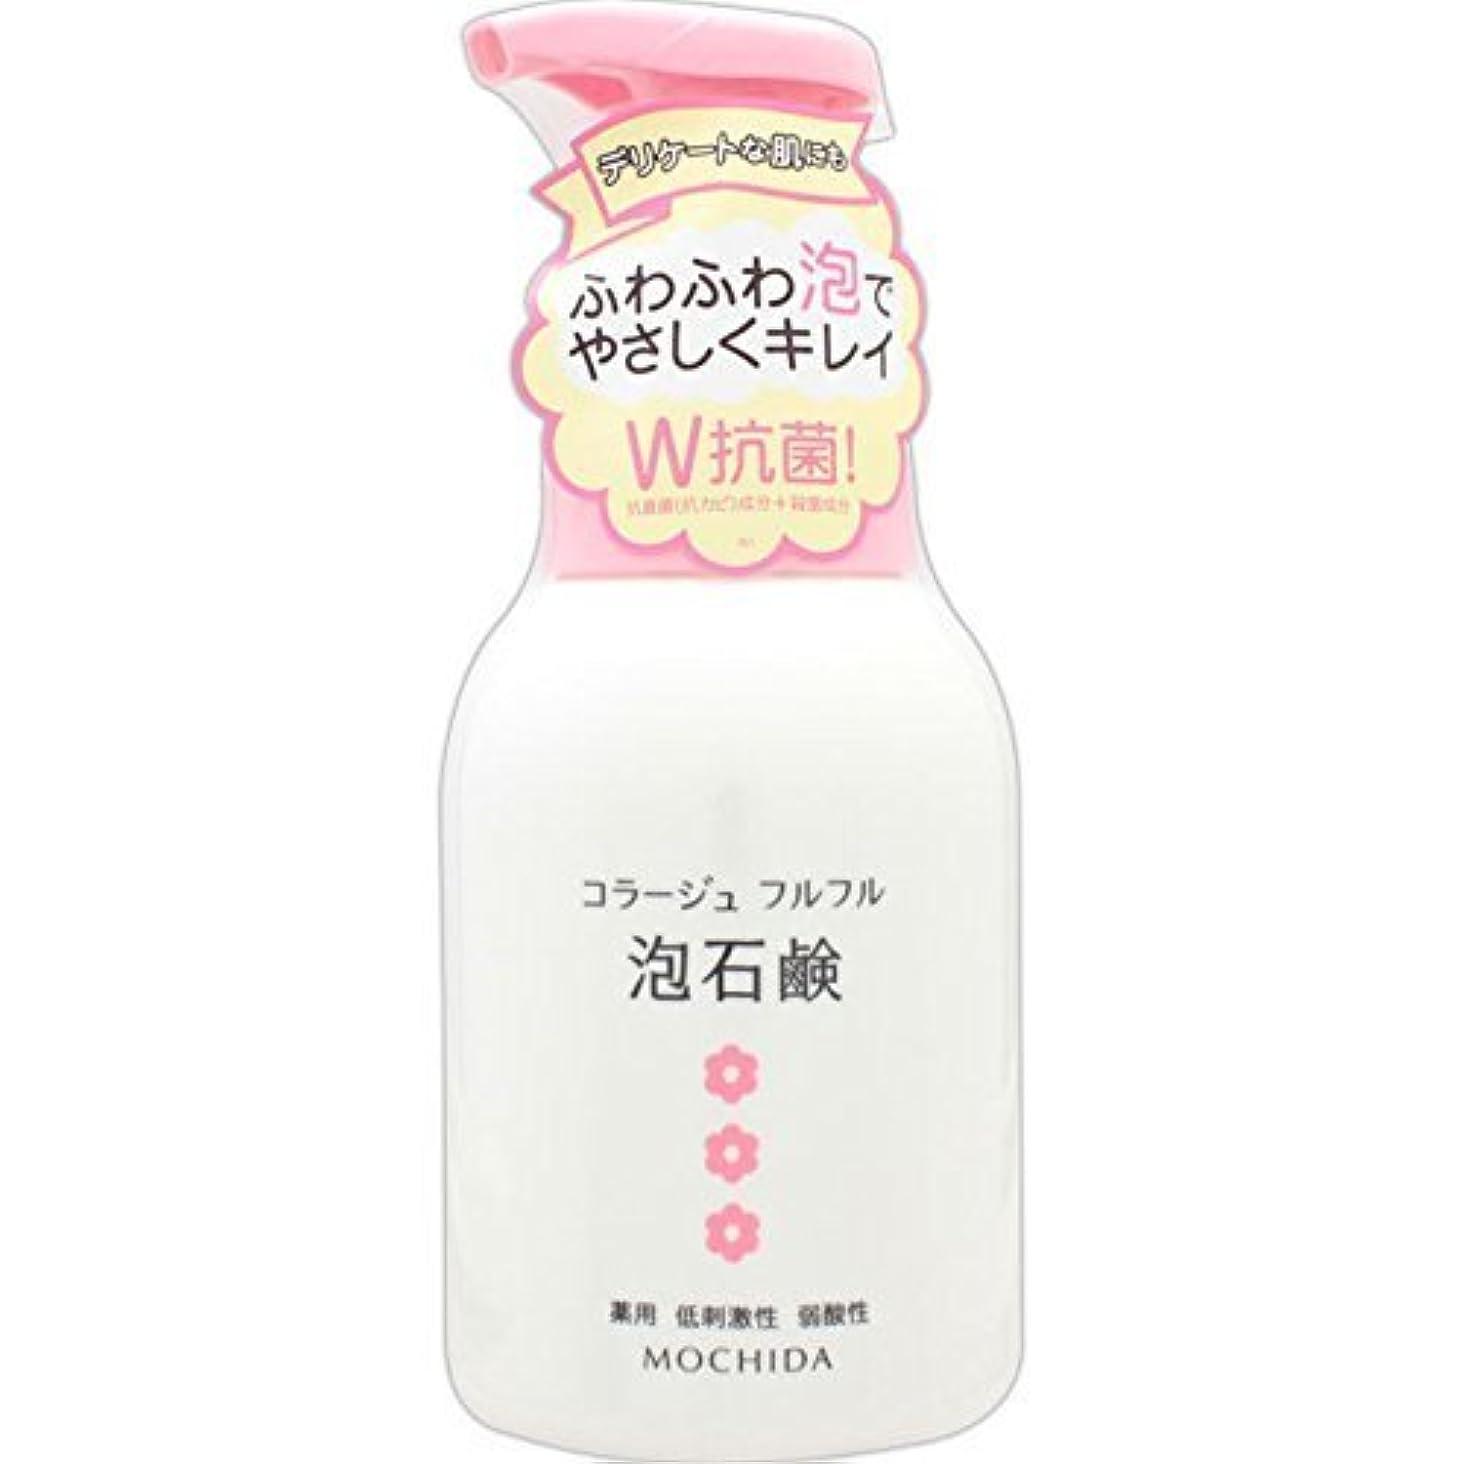 振り返るヘルシー毎月コラージュフルフル 泡石鹸 ピンク 300m L (医薬部外品) ×6